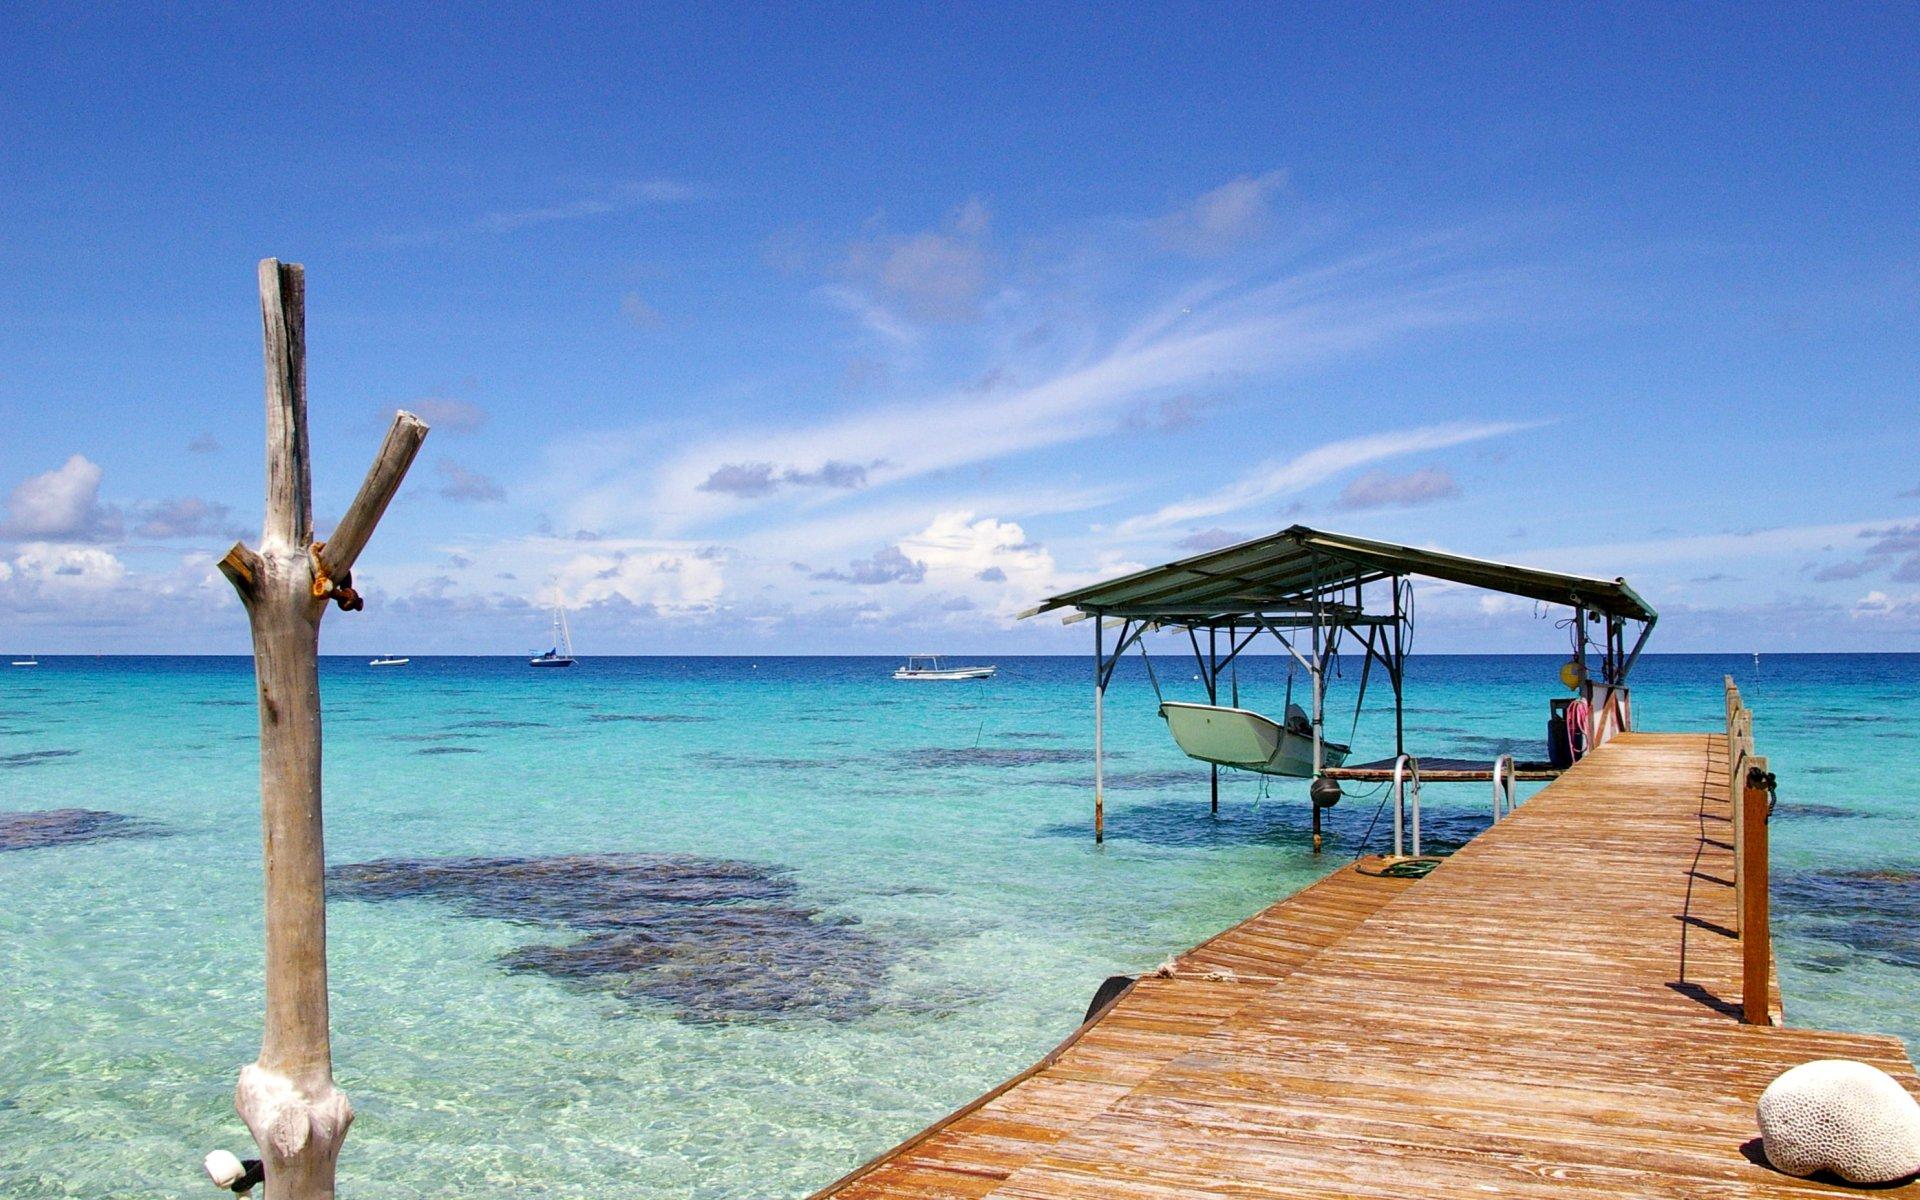 Деревянная пристань с лодкой и море, тематика обоев - море, обои для рабочего стола - РАЗМЕР: 1280x1024px.